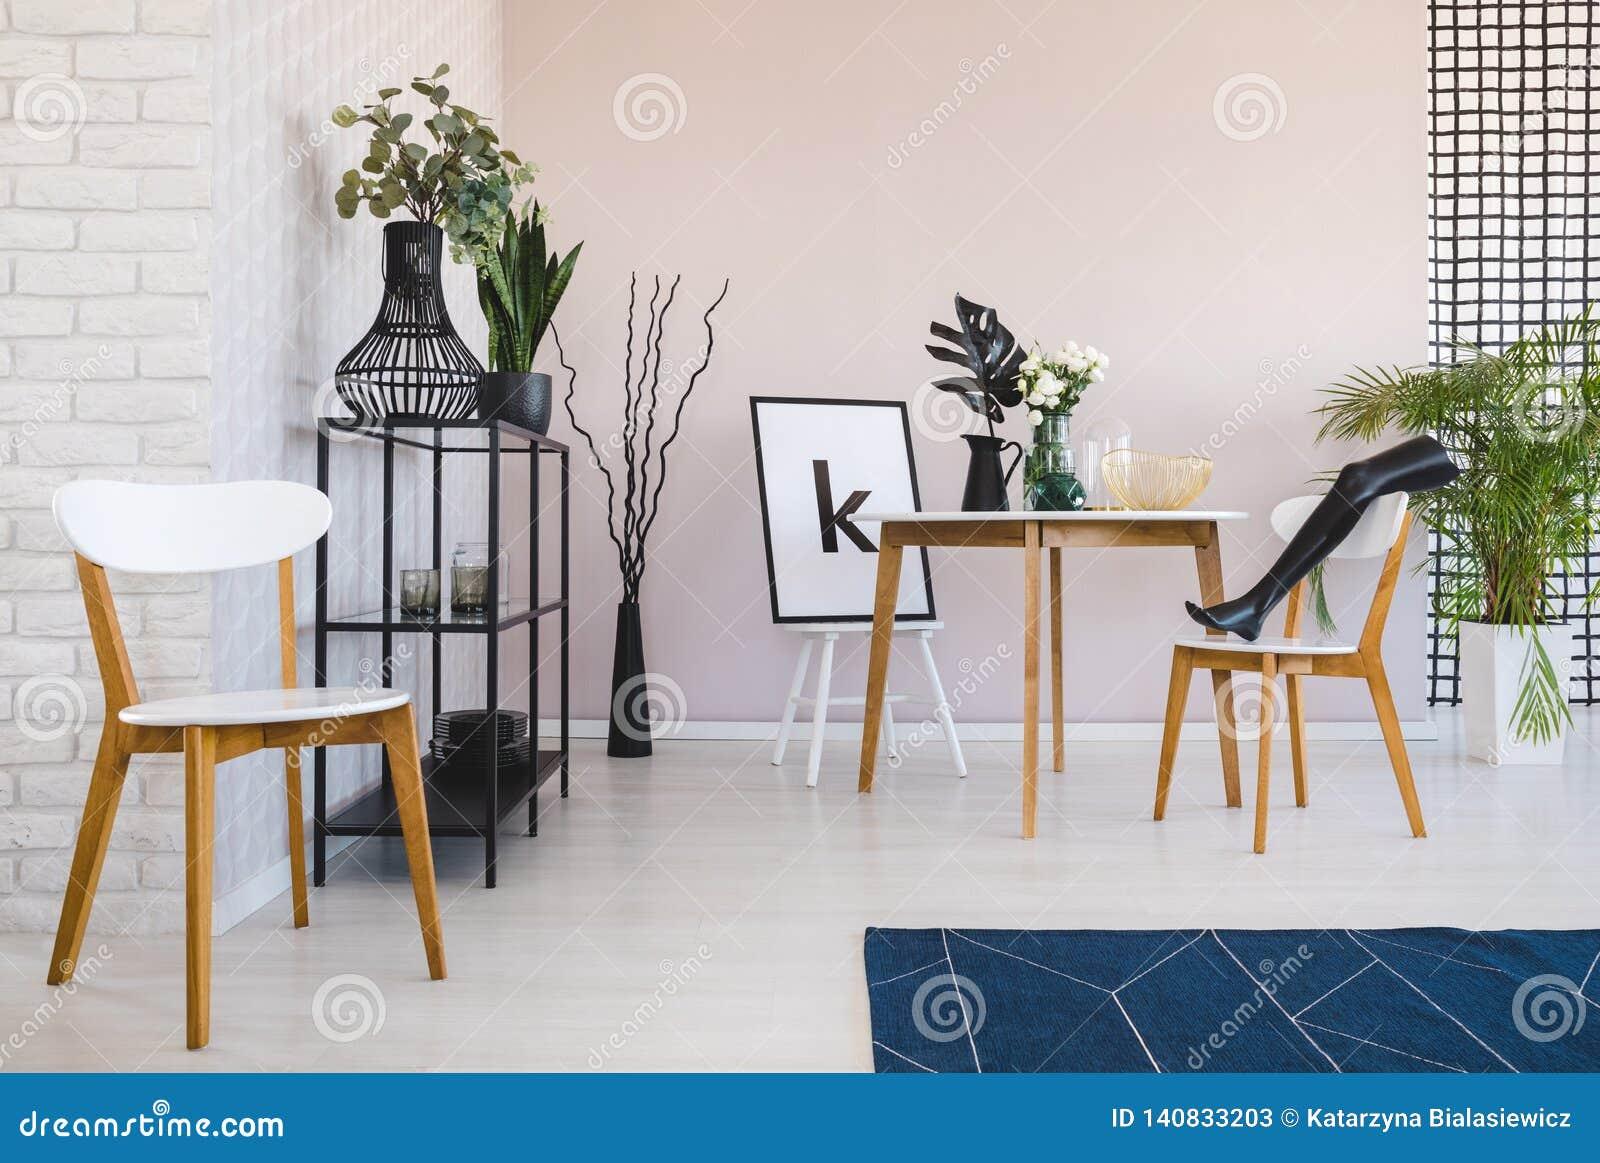 白色木椅子和蓝色地毯在餐厅内部与植物在桌旁边 实际照片